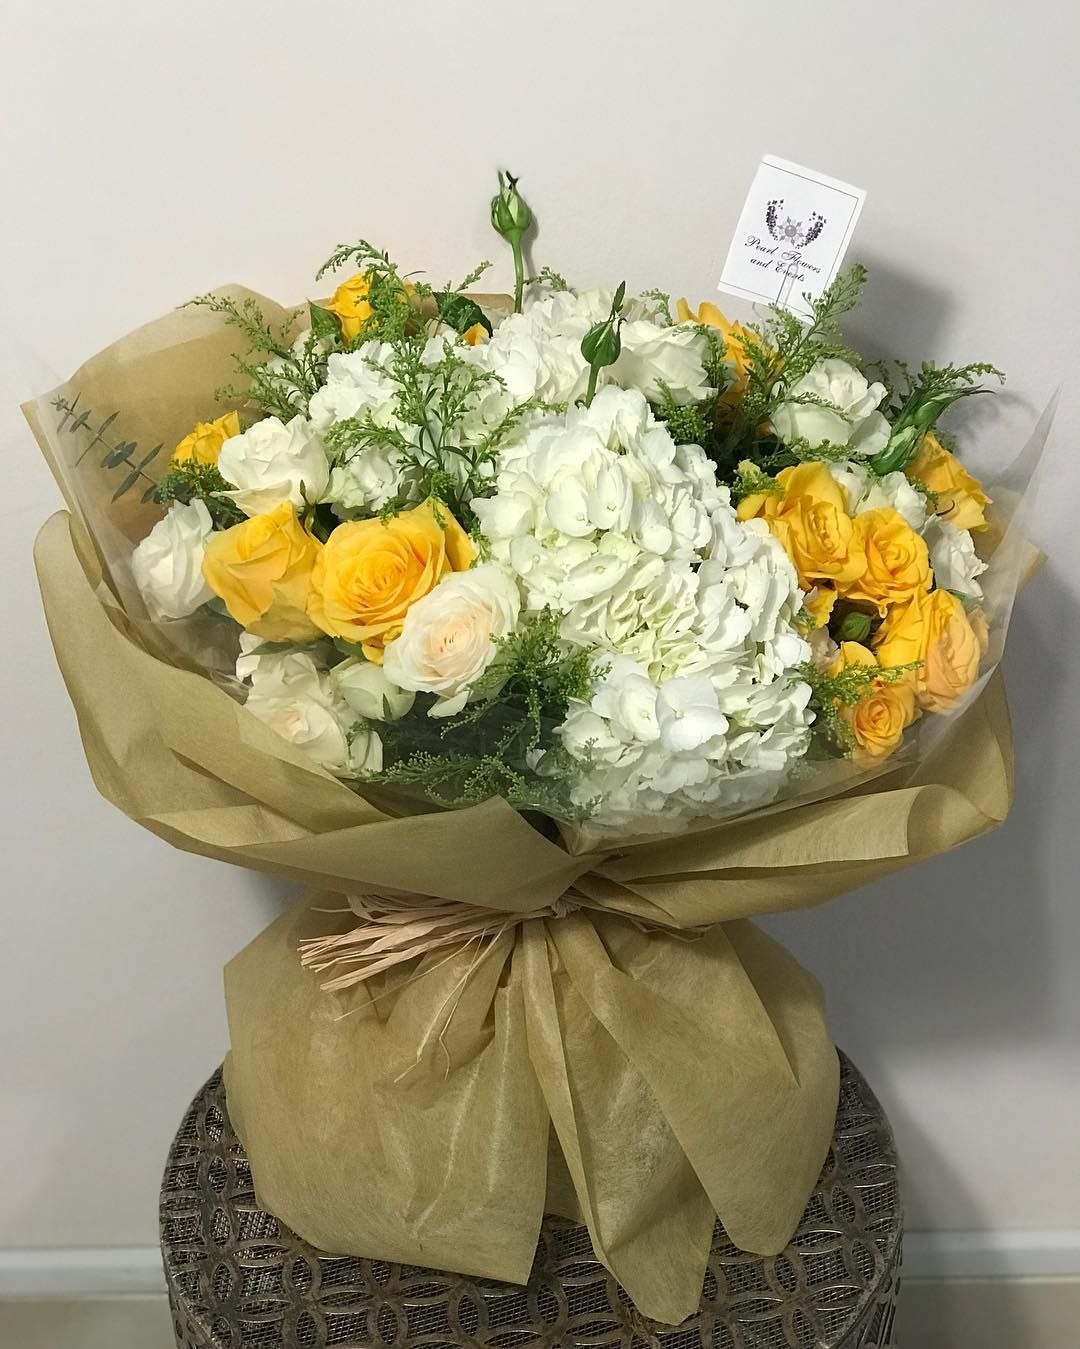 بيرل فلور بوتيك يوفر لكم جميع انواع الورد لجميع المناسبات باسعار مناسبه نوفر لكم التوصيل داخل ابوظبي والمناطق الخارج Pantry Design Flowers Arabic Love Quotes